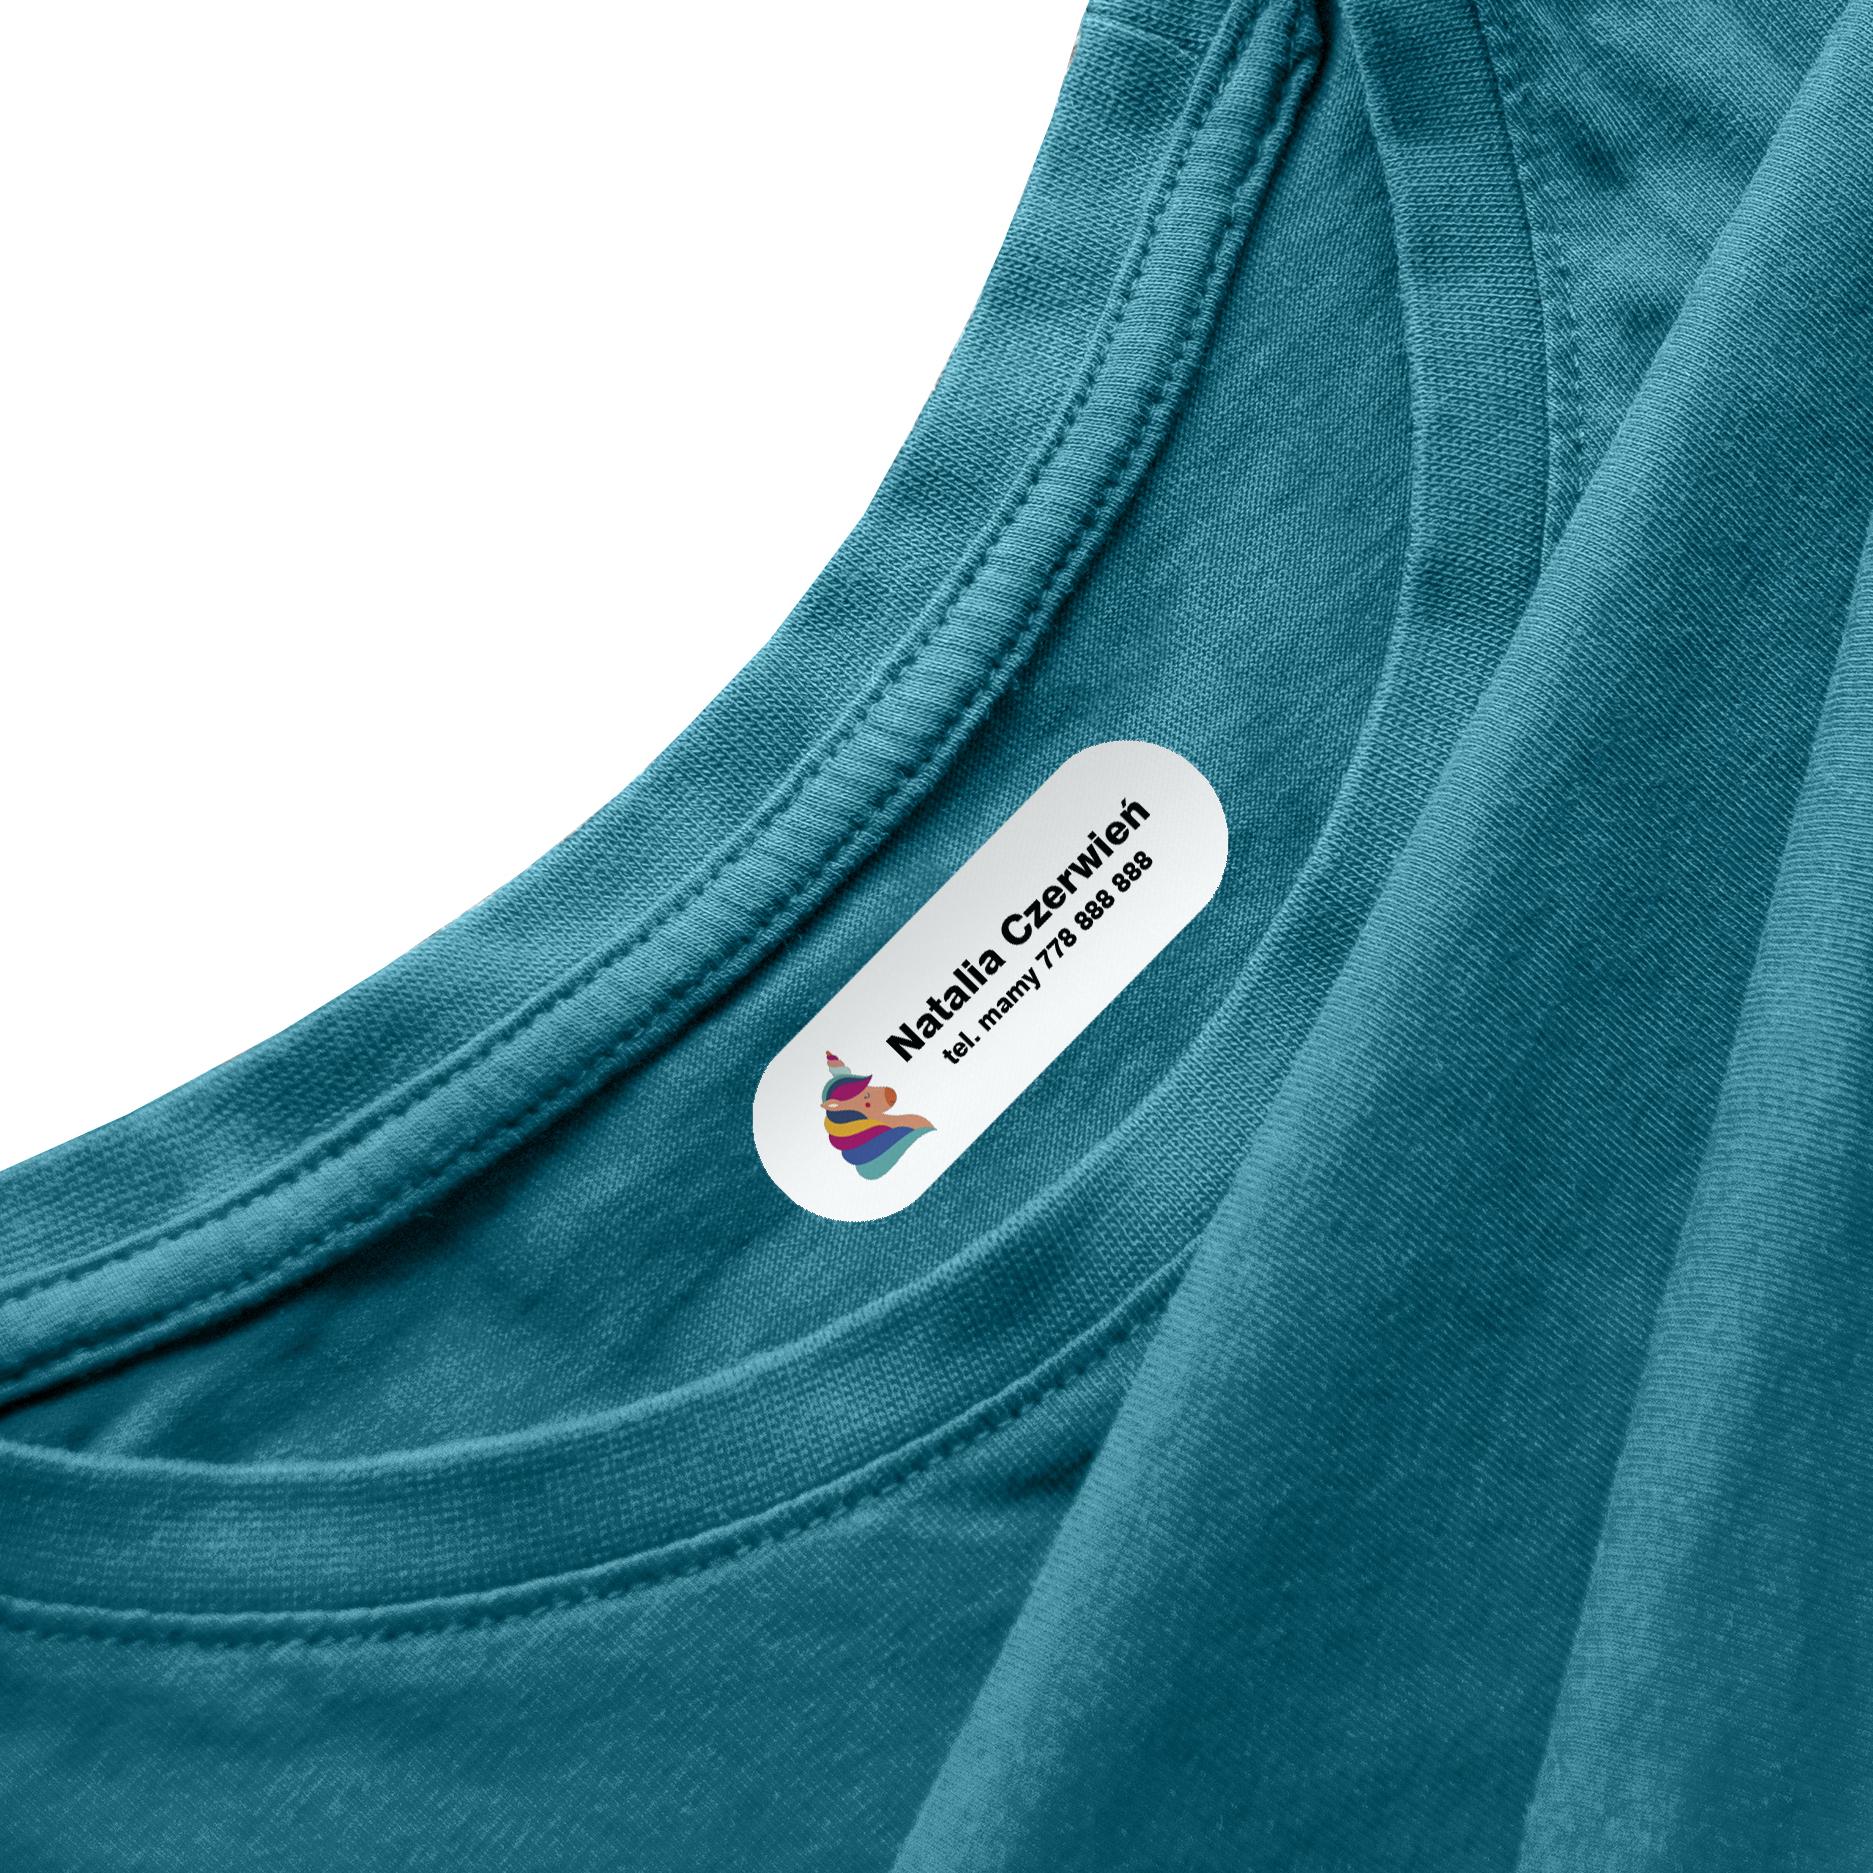 Naprasowanki na ubrania naprasowanka imienna metki dla dziecka jednorożec